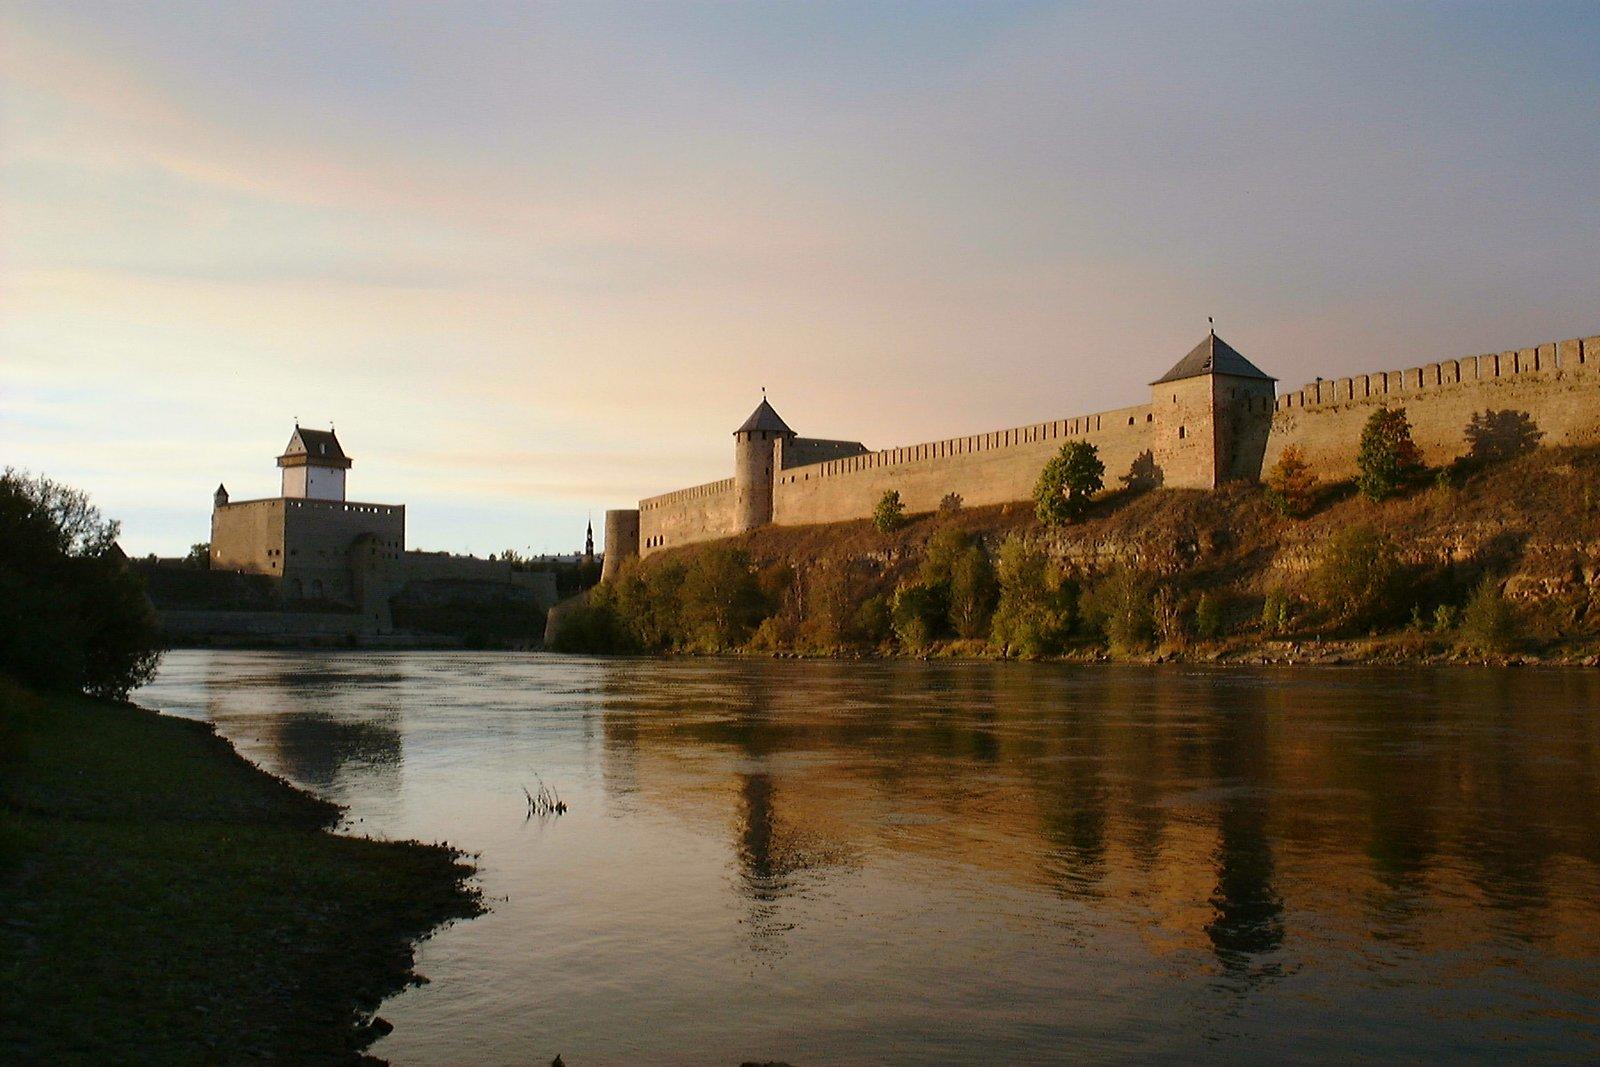 Zdjęcie robione zprzeciwnego brzegu rzeki. Na pionowym brzegu rzeki stoi kamienny, szary mur obronny, wktórym są dwie baszty. Jedna prostokątna, jedna okrągła. Wbasztach są wąskie okna. Dalej, po przeciwnejj stronie rzeki, nad jej brzegiem stoi biała, kwadratowa wieża otoczona murem obronnym